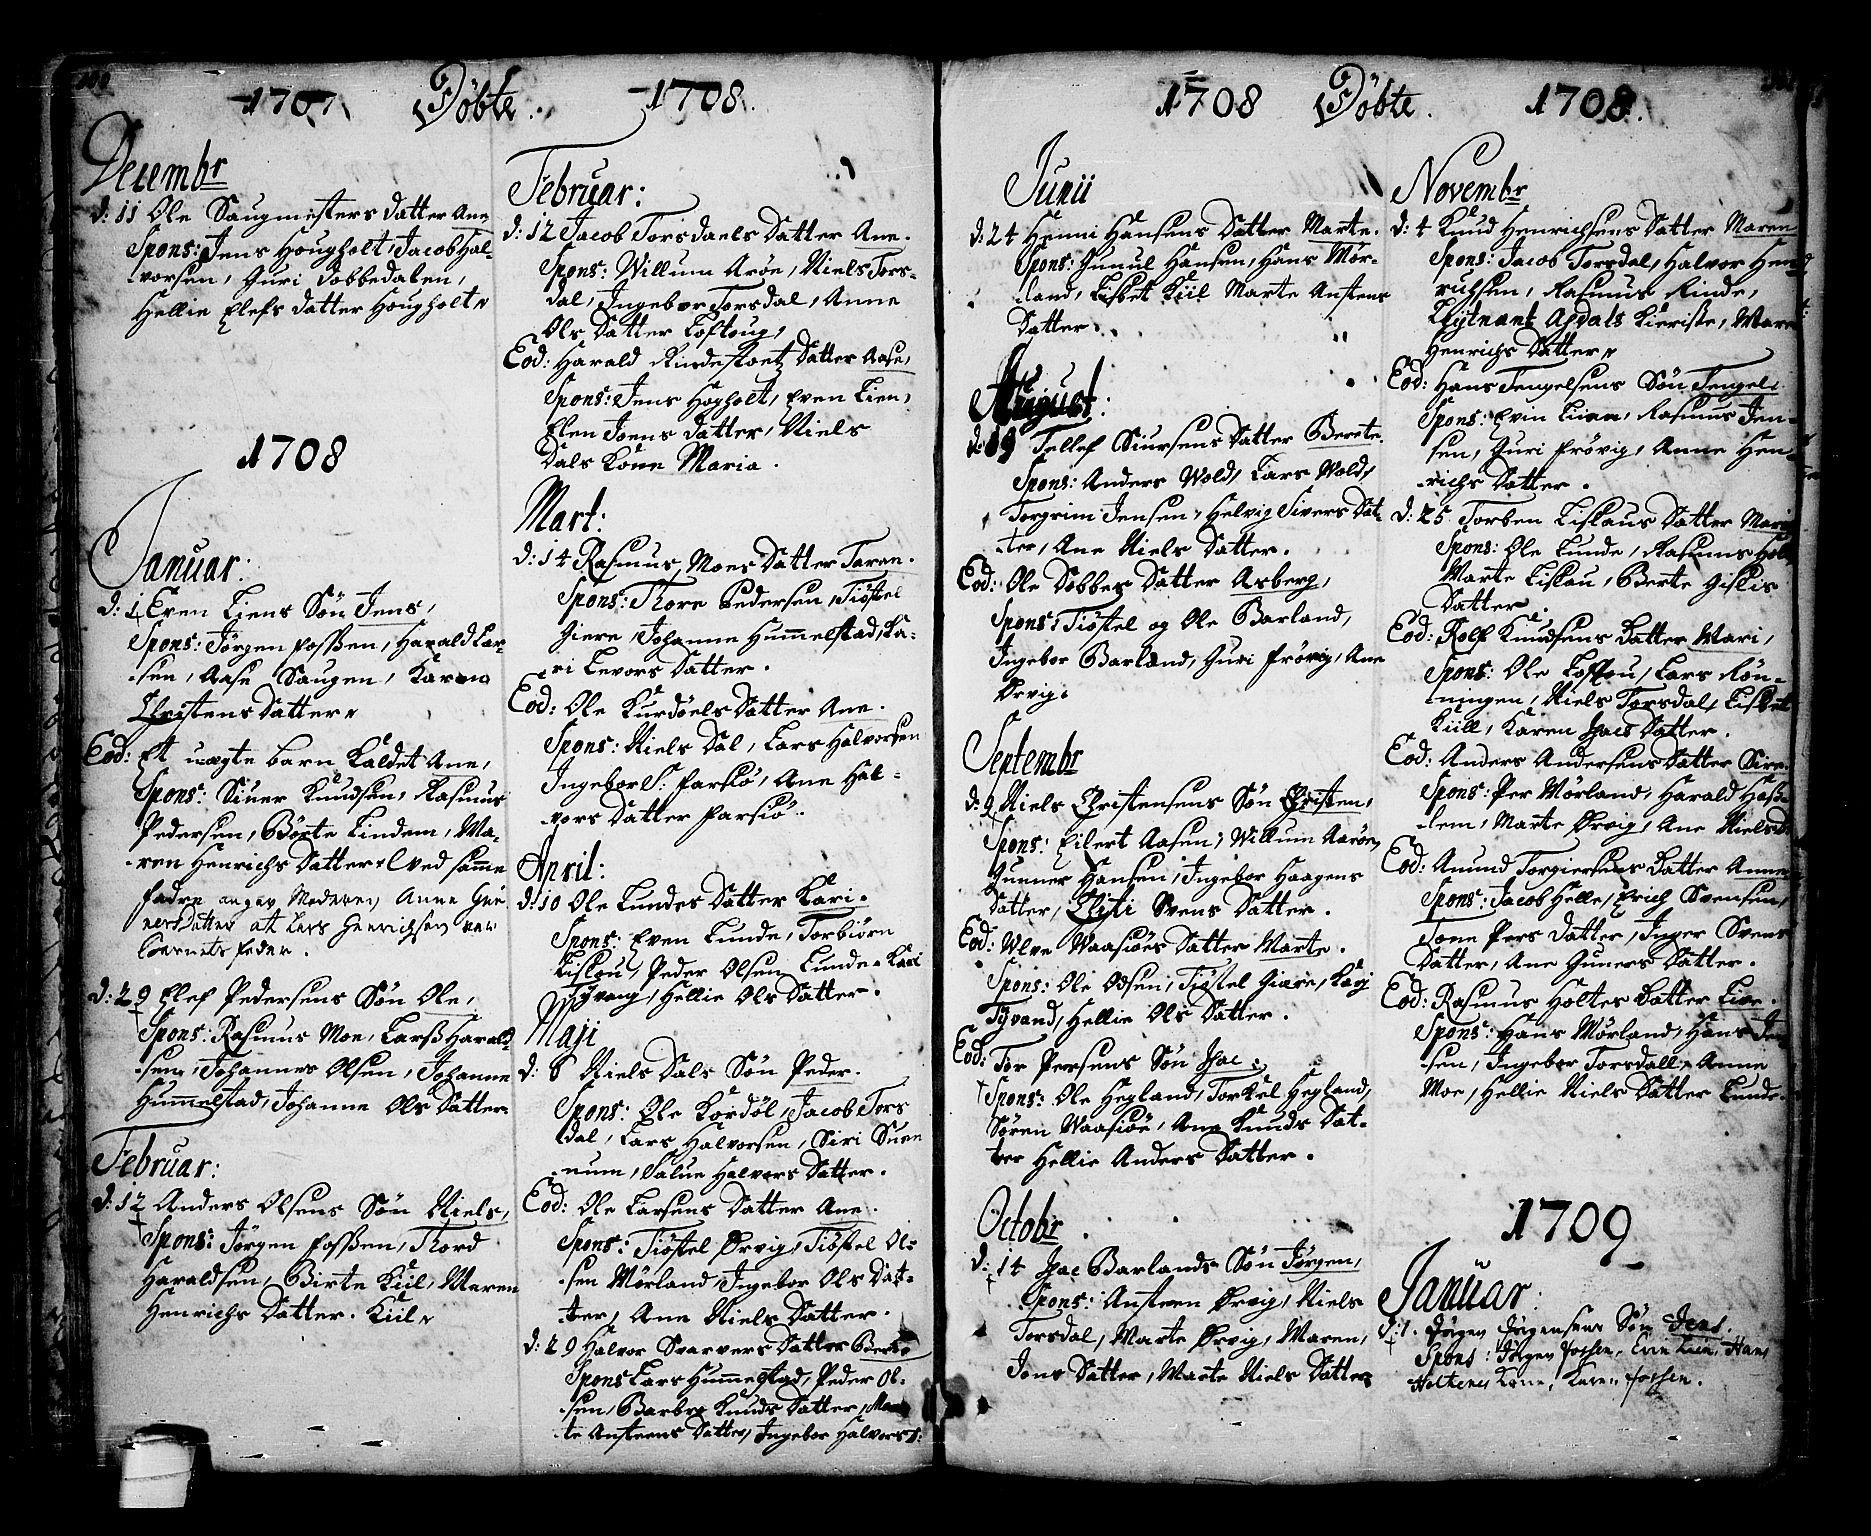 SAKO, Sannidal kirkebøker, F/Fa/L0001: Ministerialbok nr. 1, 1702-1766, s. 100-101